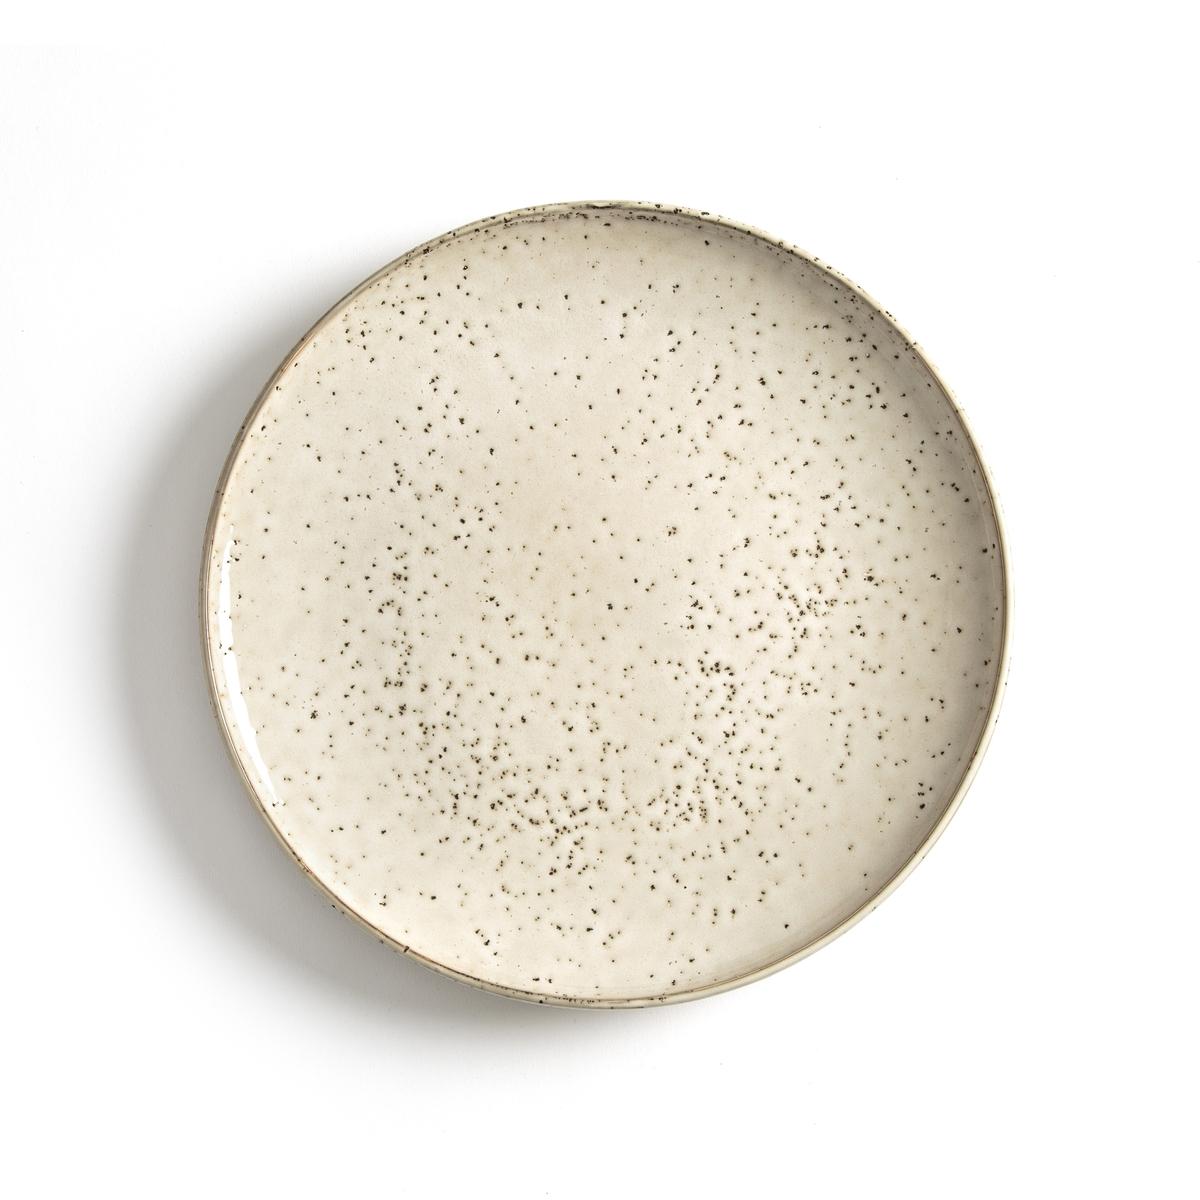 Комплект из 4 мелких тарелок из керамики, Olazhi4 мелкие тарелки Olazhi. Замечательный крапчатый эффект, придающий этим тарелкам ремесленный стиль. Подходят для использования в посудомоечной машине. Размеры : диаметр 27 см.<br><br>Цвет: серо-бежевый<br>Размер: единый размер